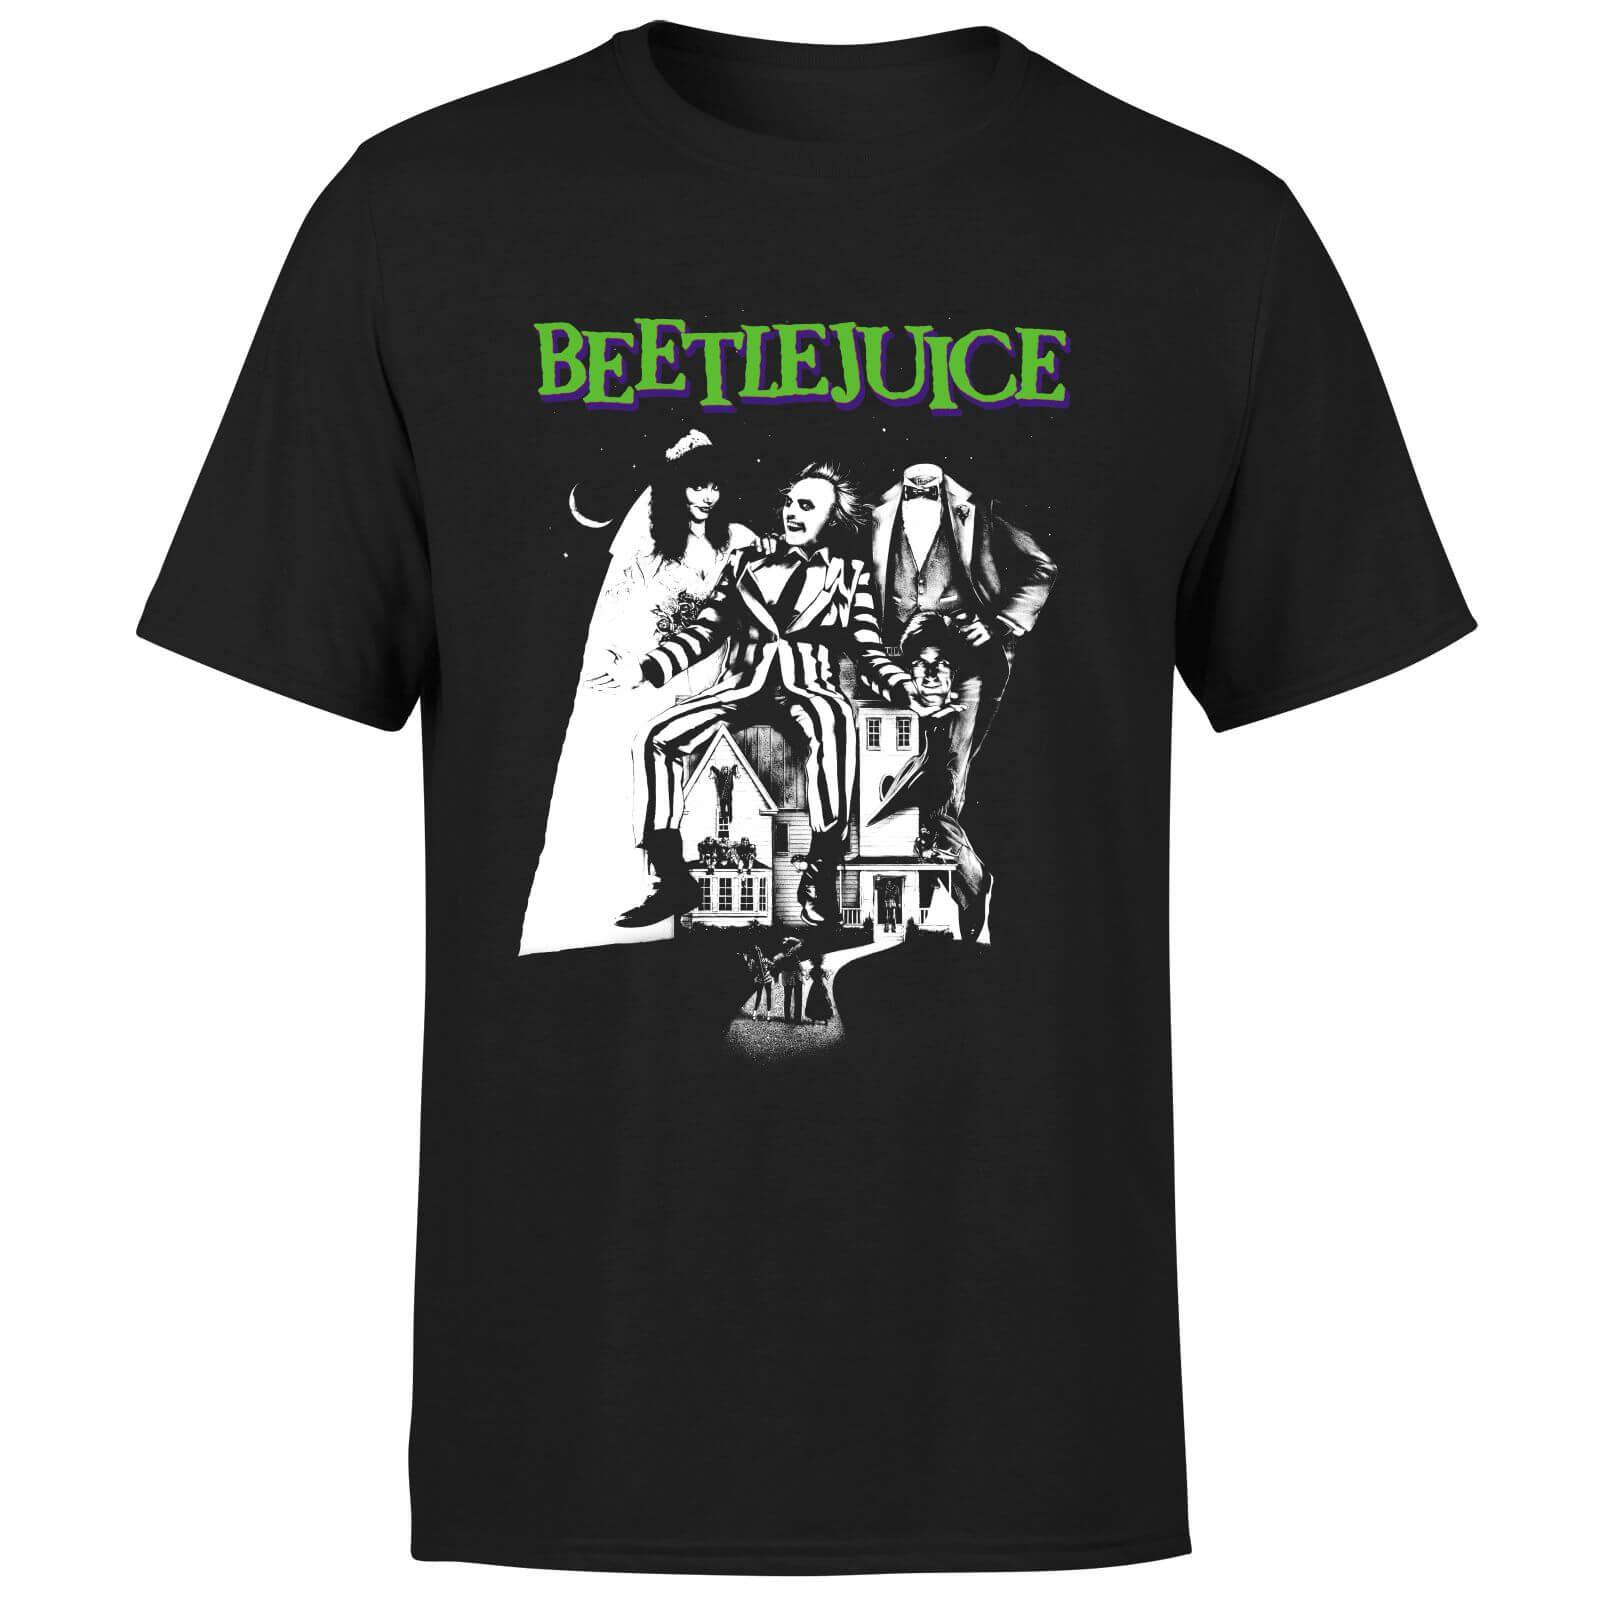 Beetlejuice T-Shirt Homme Affiche Mono Beetlejuice - Noir - XXL - Noir